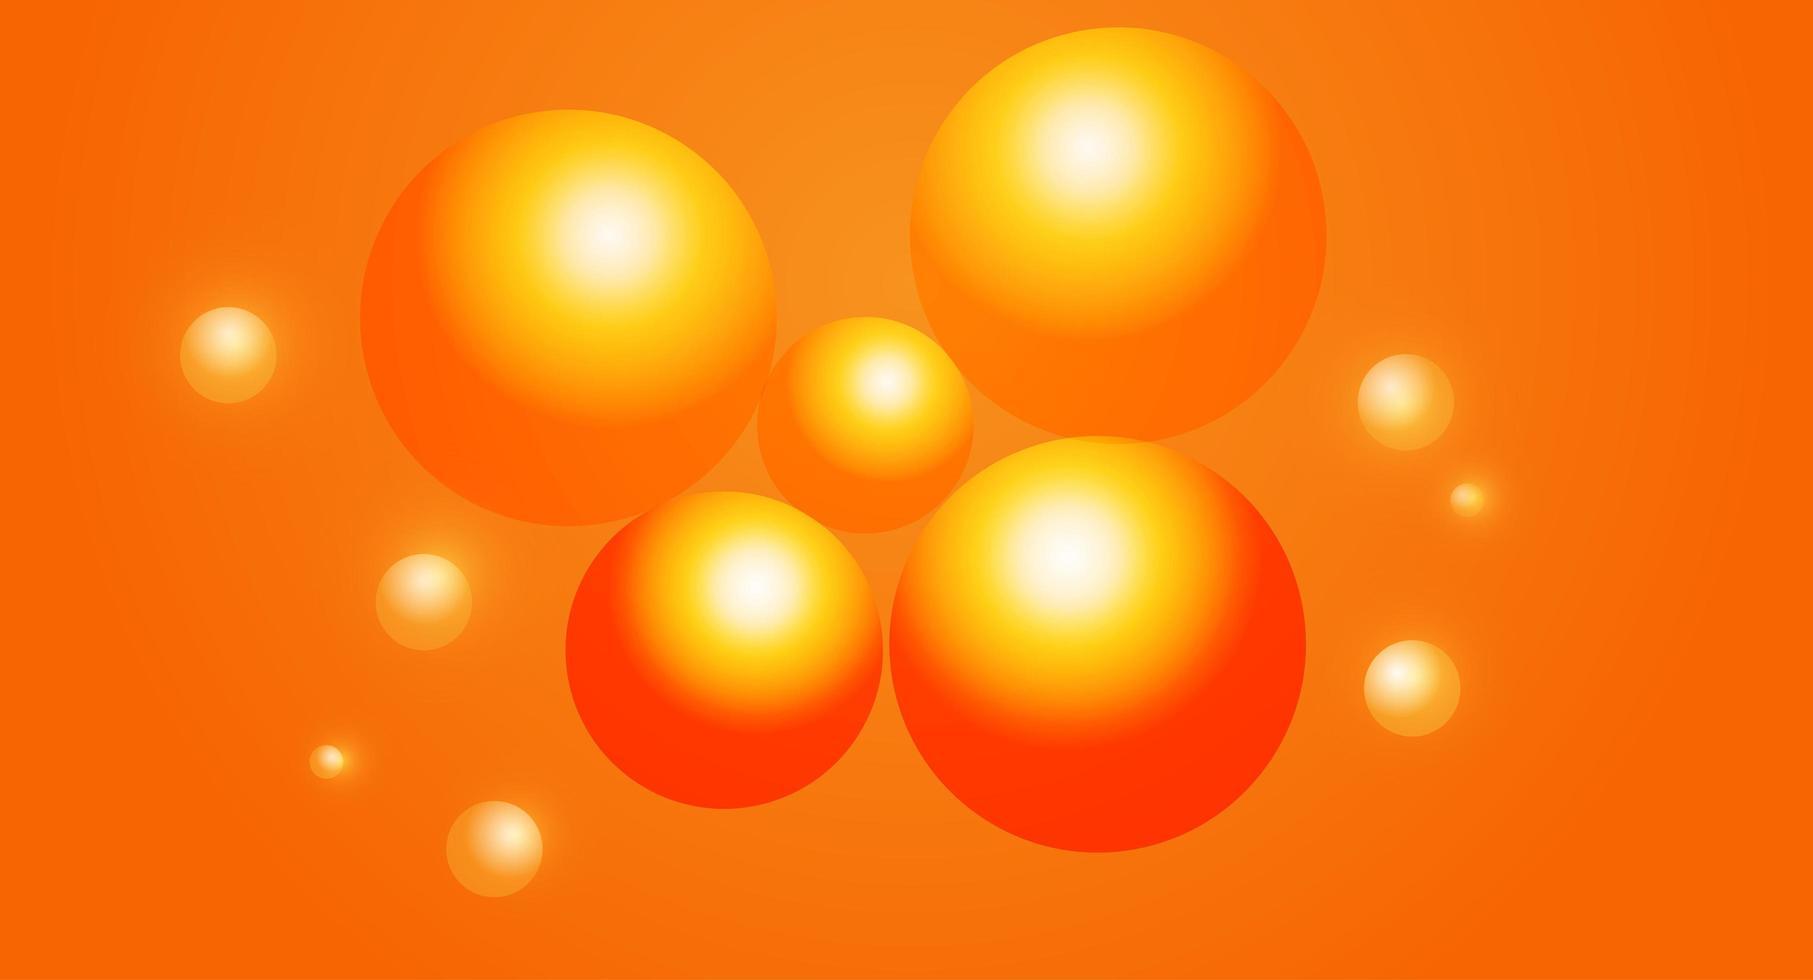 fond d'écran dégradé orange avec des sphères vecteur